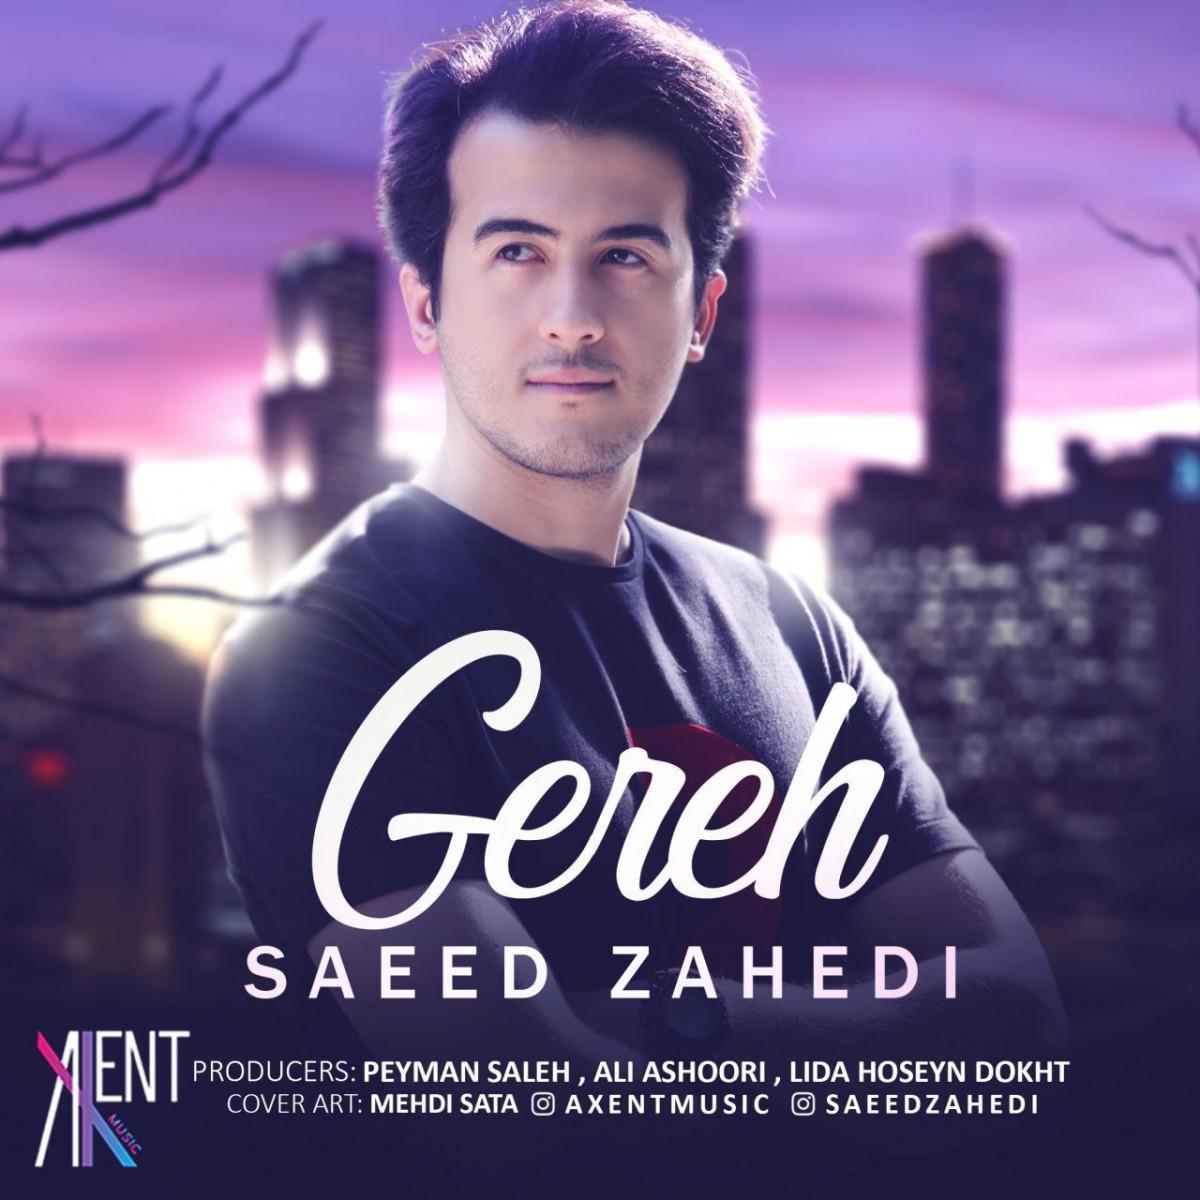 نامبر وان موزیک   دانلود آهنگ جدید Saeed-Zahedi-Gereh